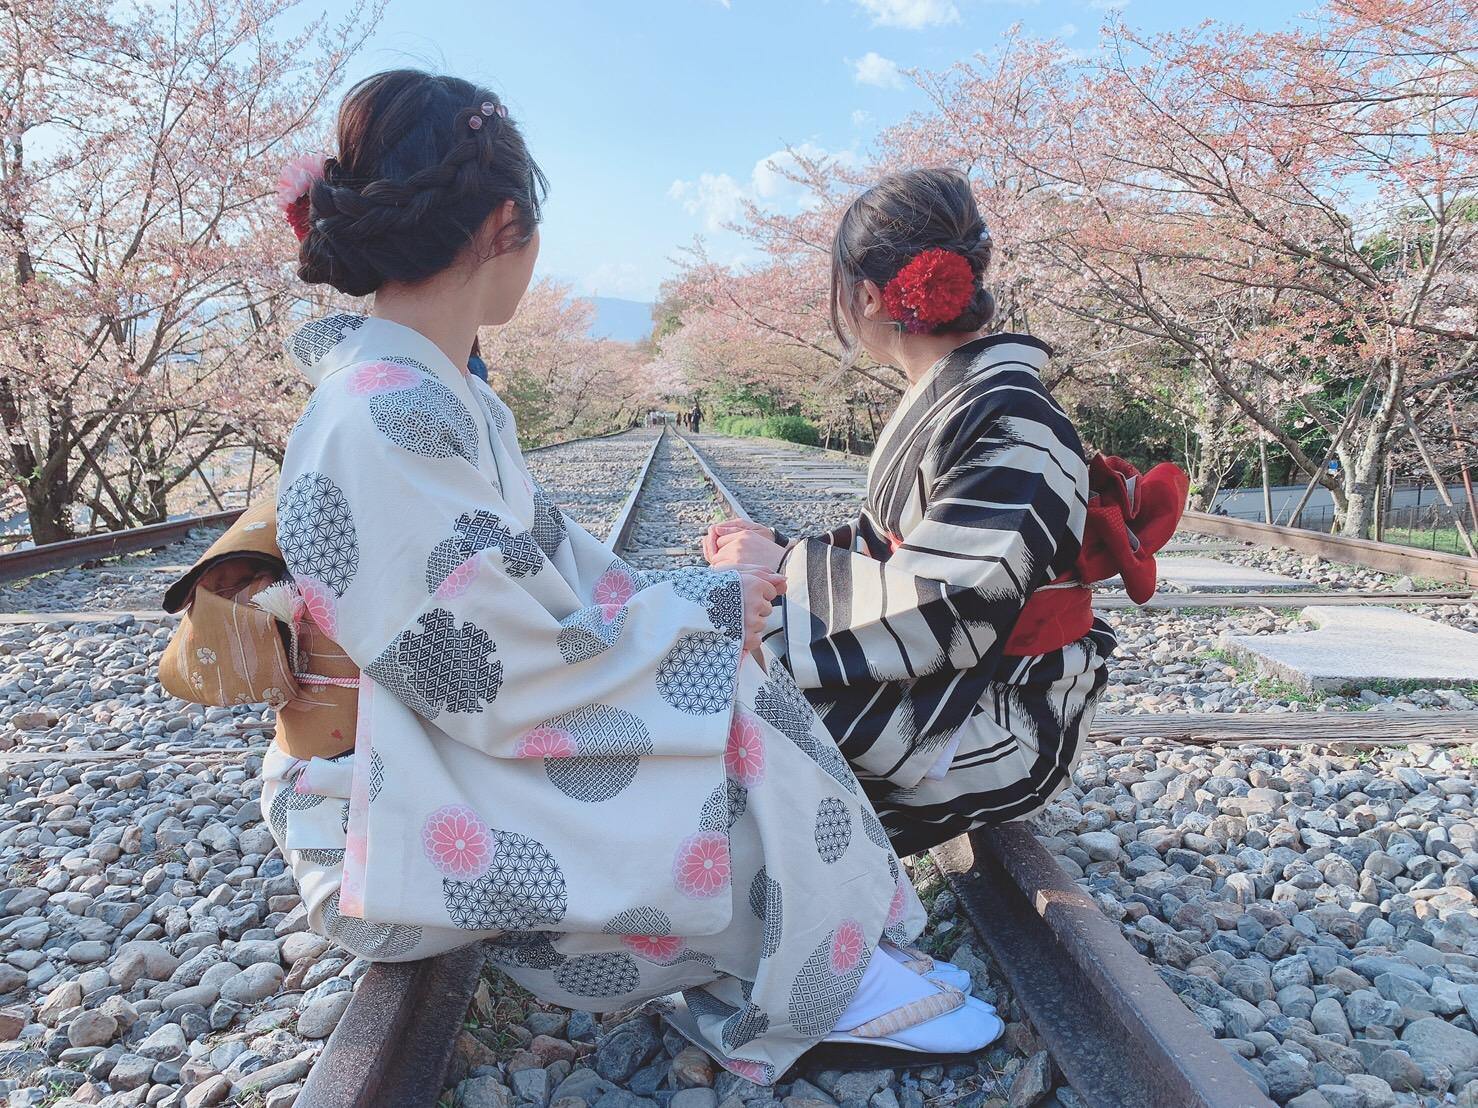 蹴上インクラインと八坂庚申堂へ2019年4月15日11